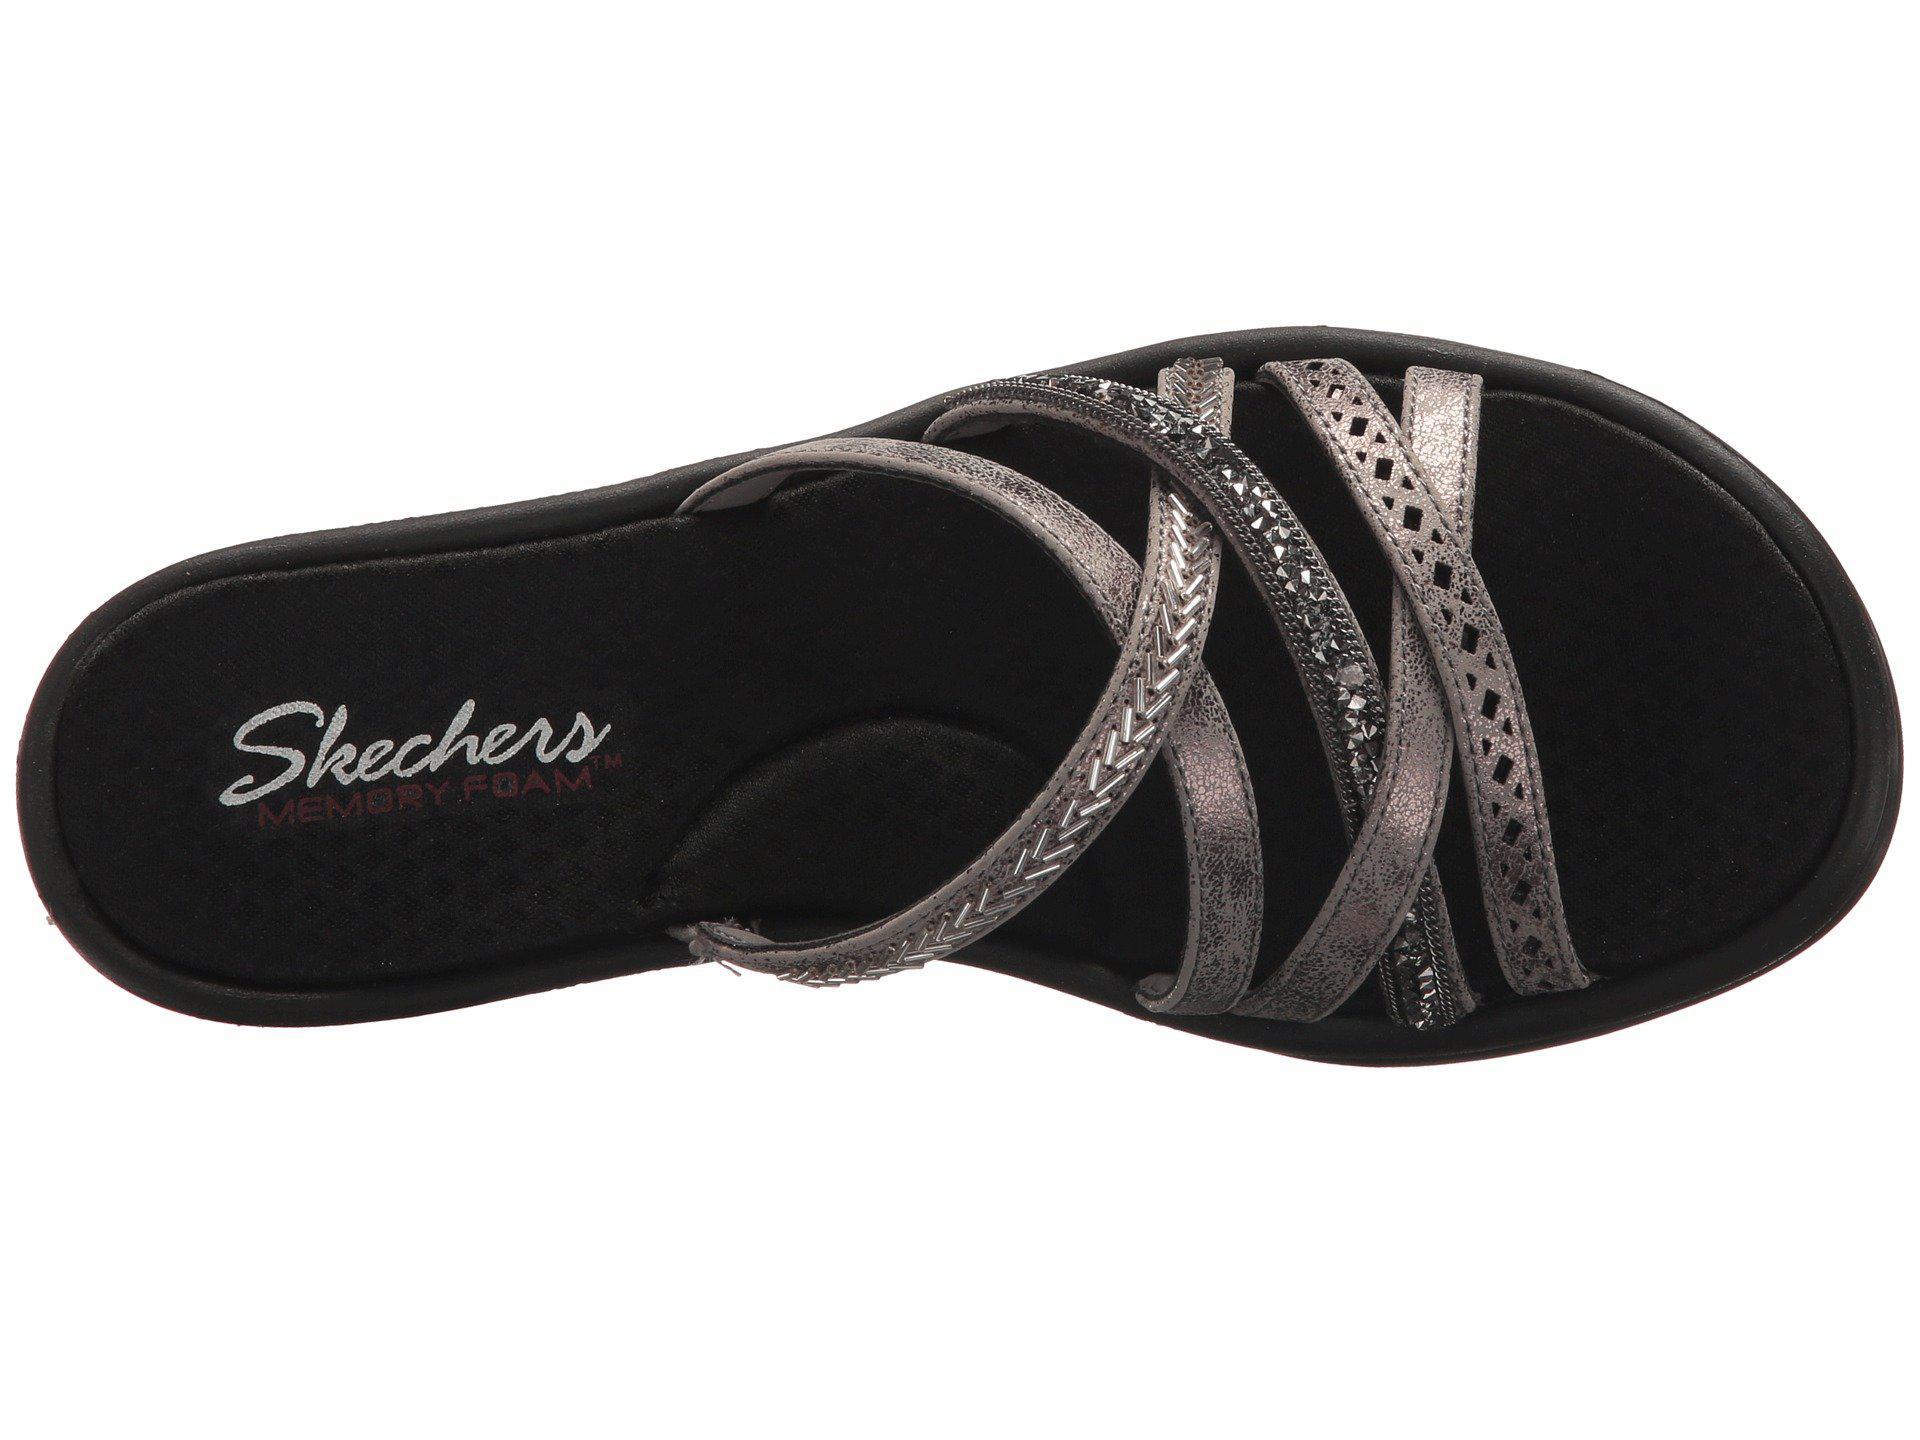 748ea03e Lyst - Skechers Rumbler Wave - New Lassie (pewter) Women's Shoes in ...